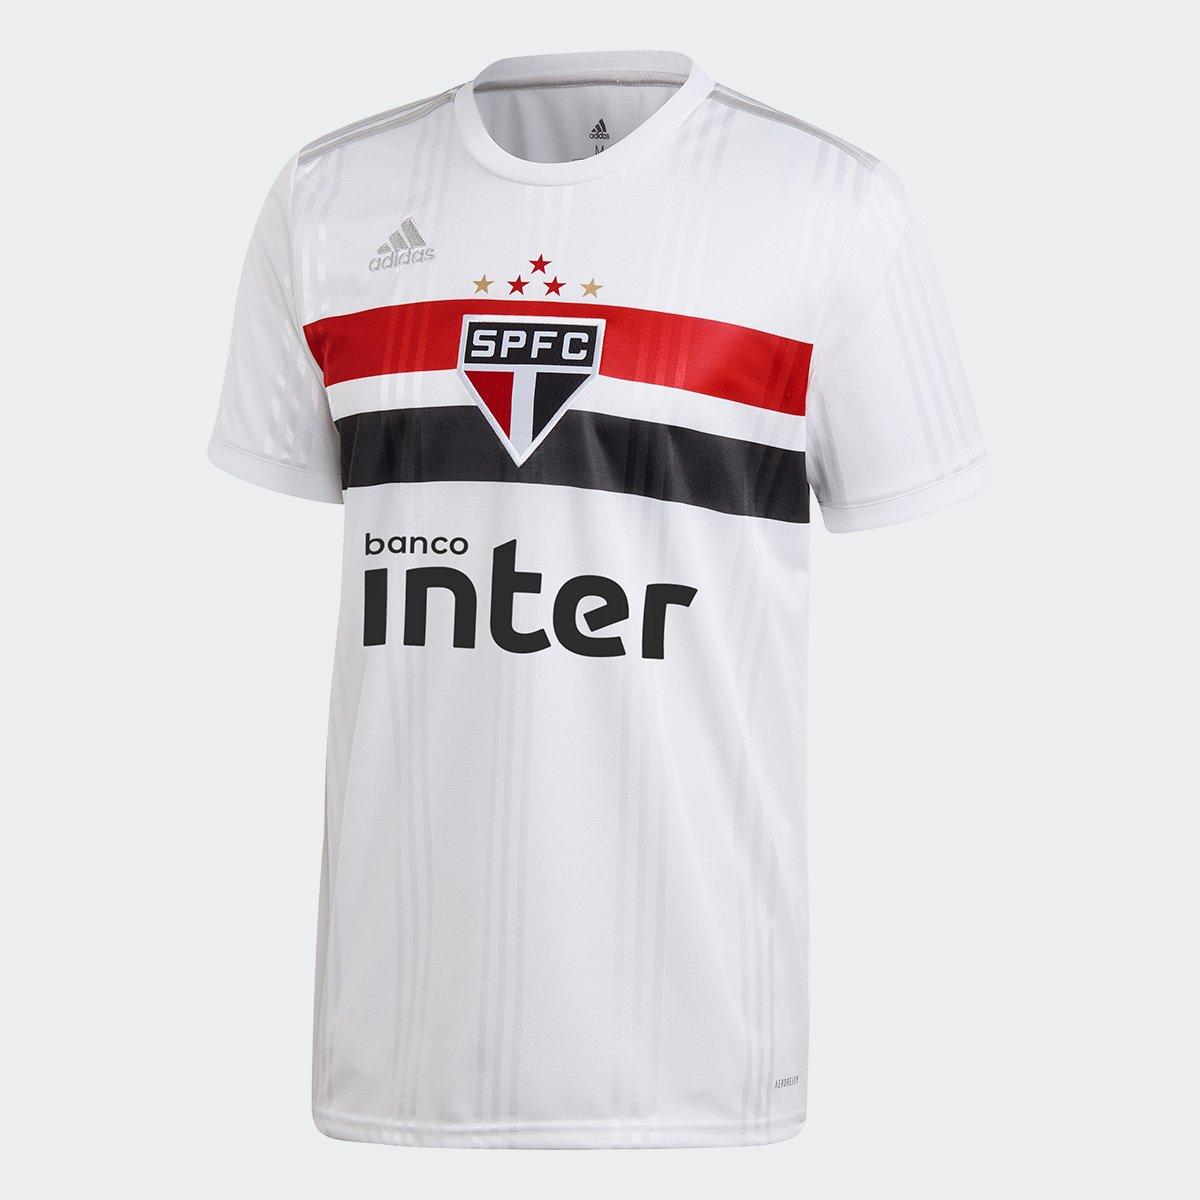 Camiseta Adidas Sao Paulo 1 Branca/Vermelha/Preta 2021